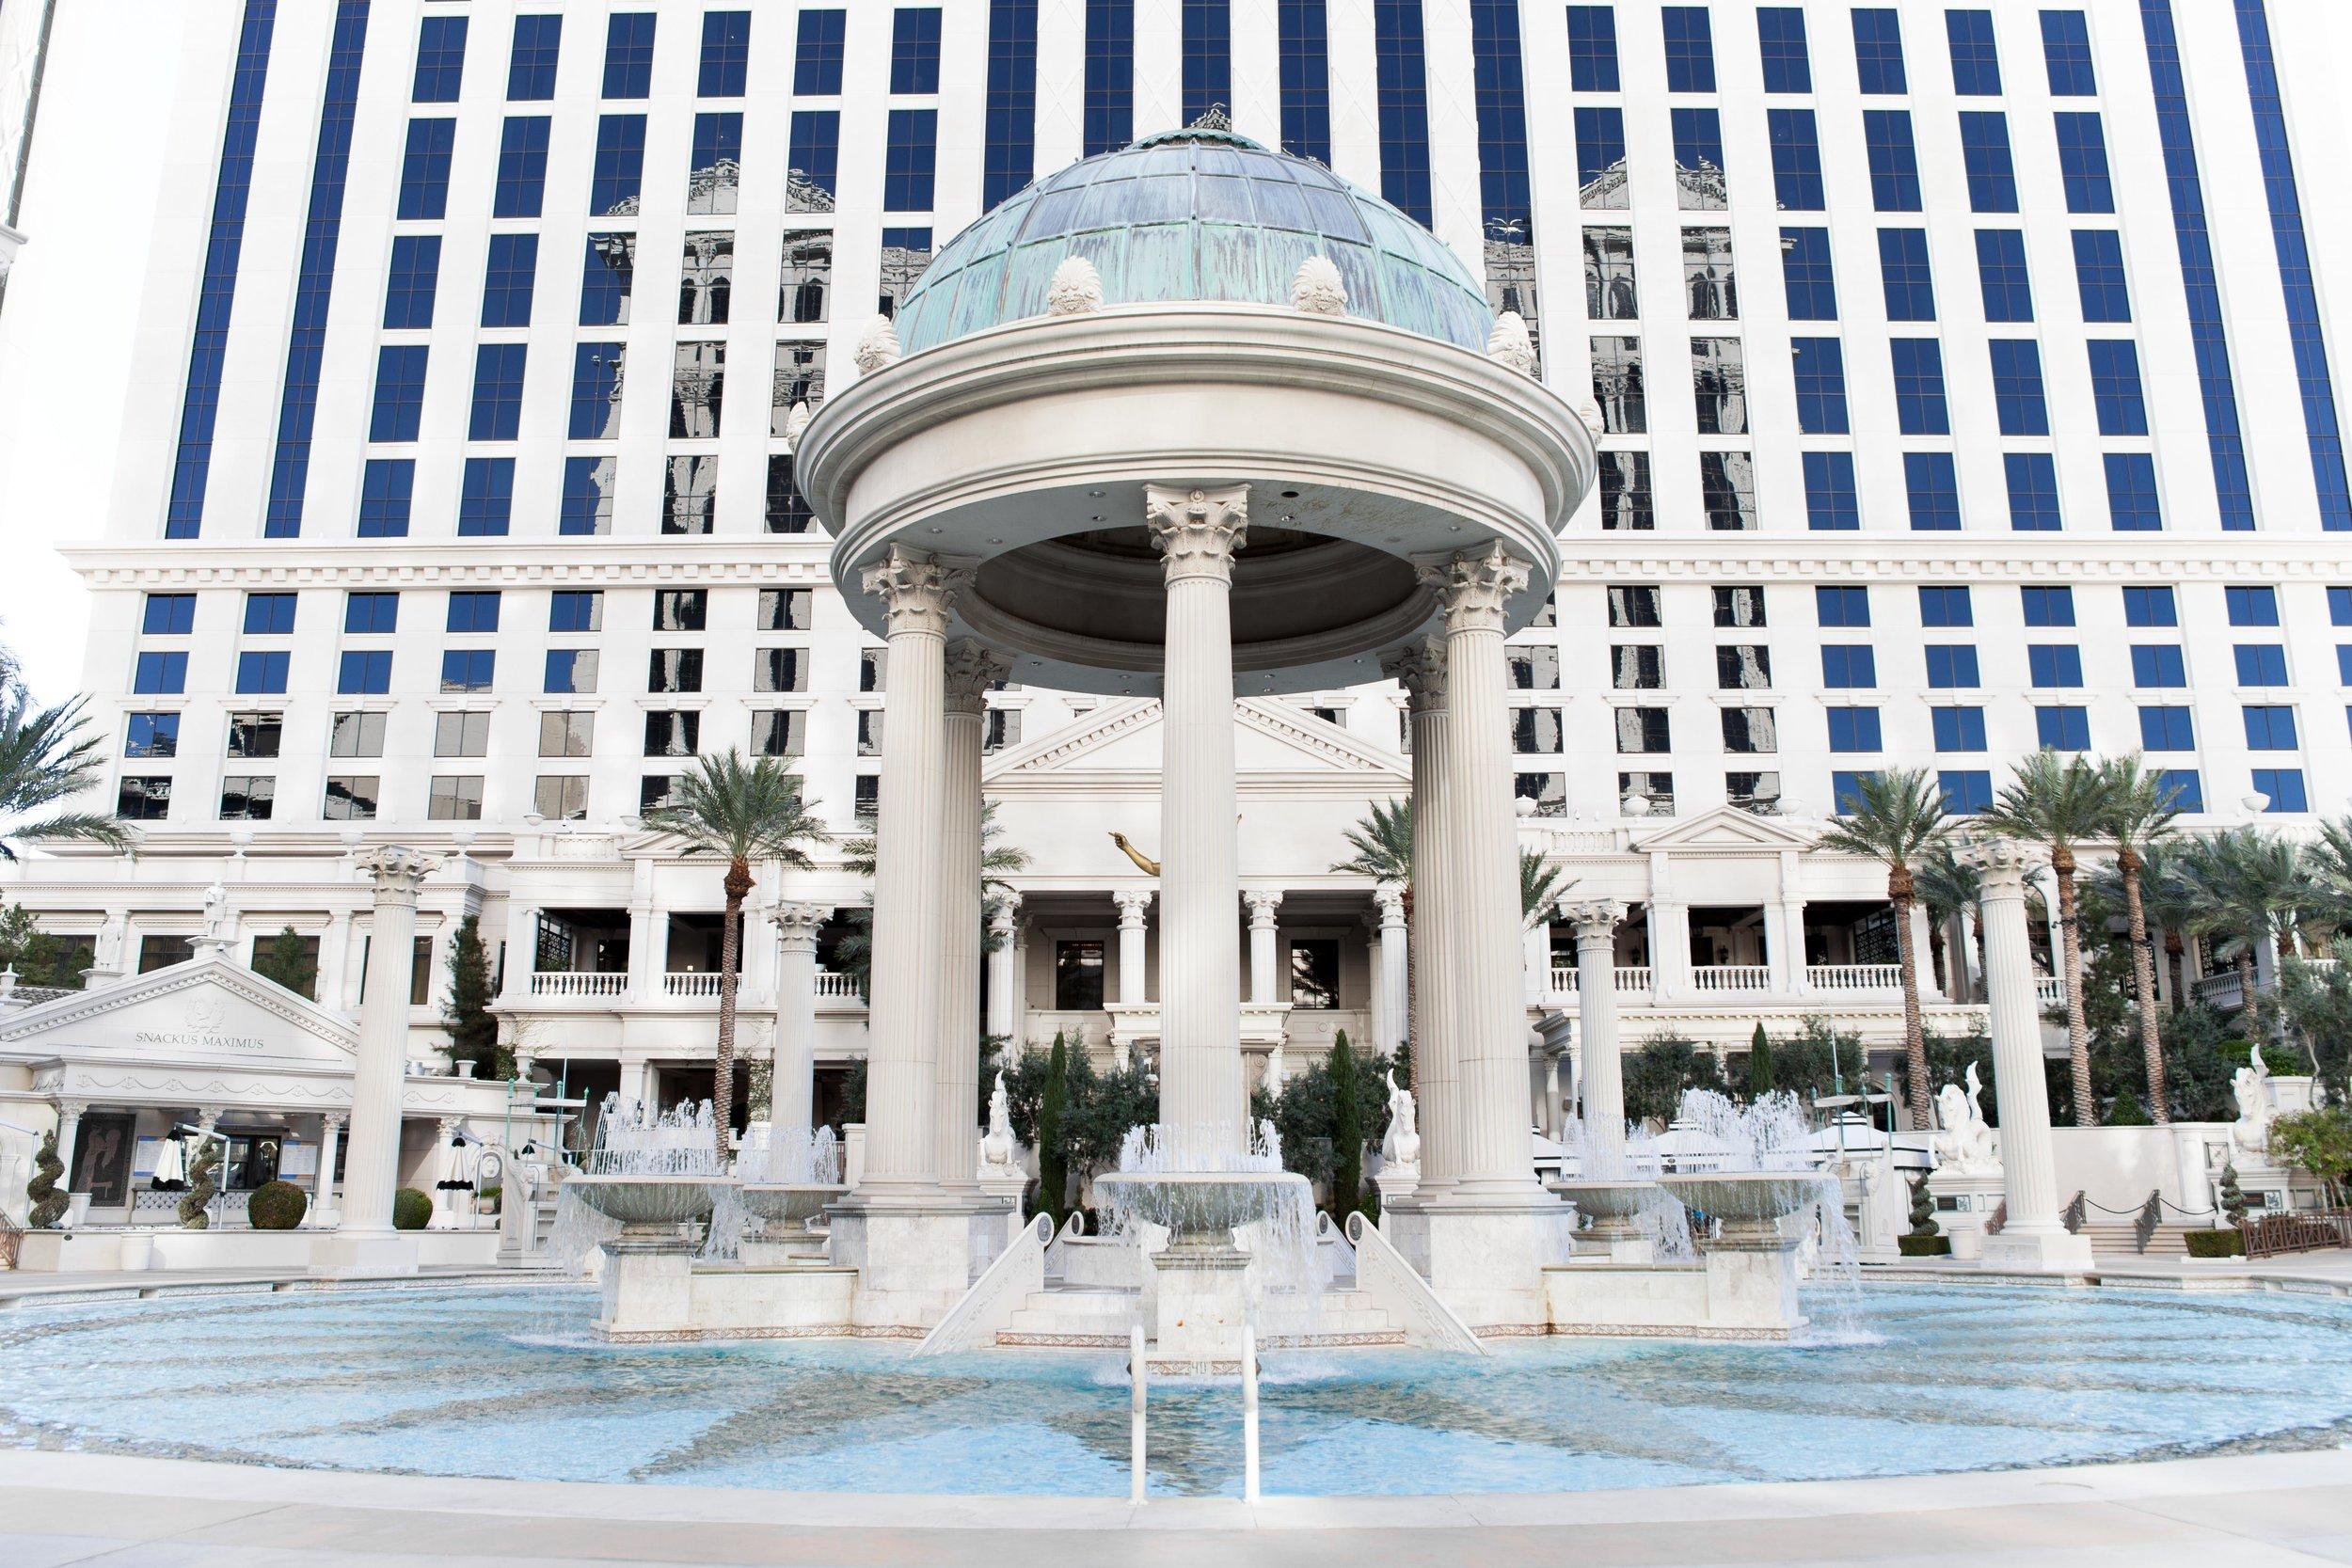 The Pool at Caesar's